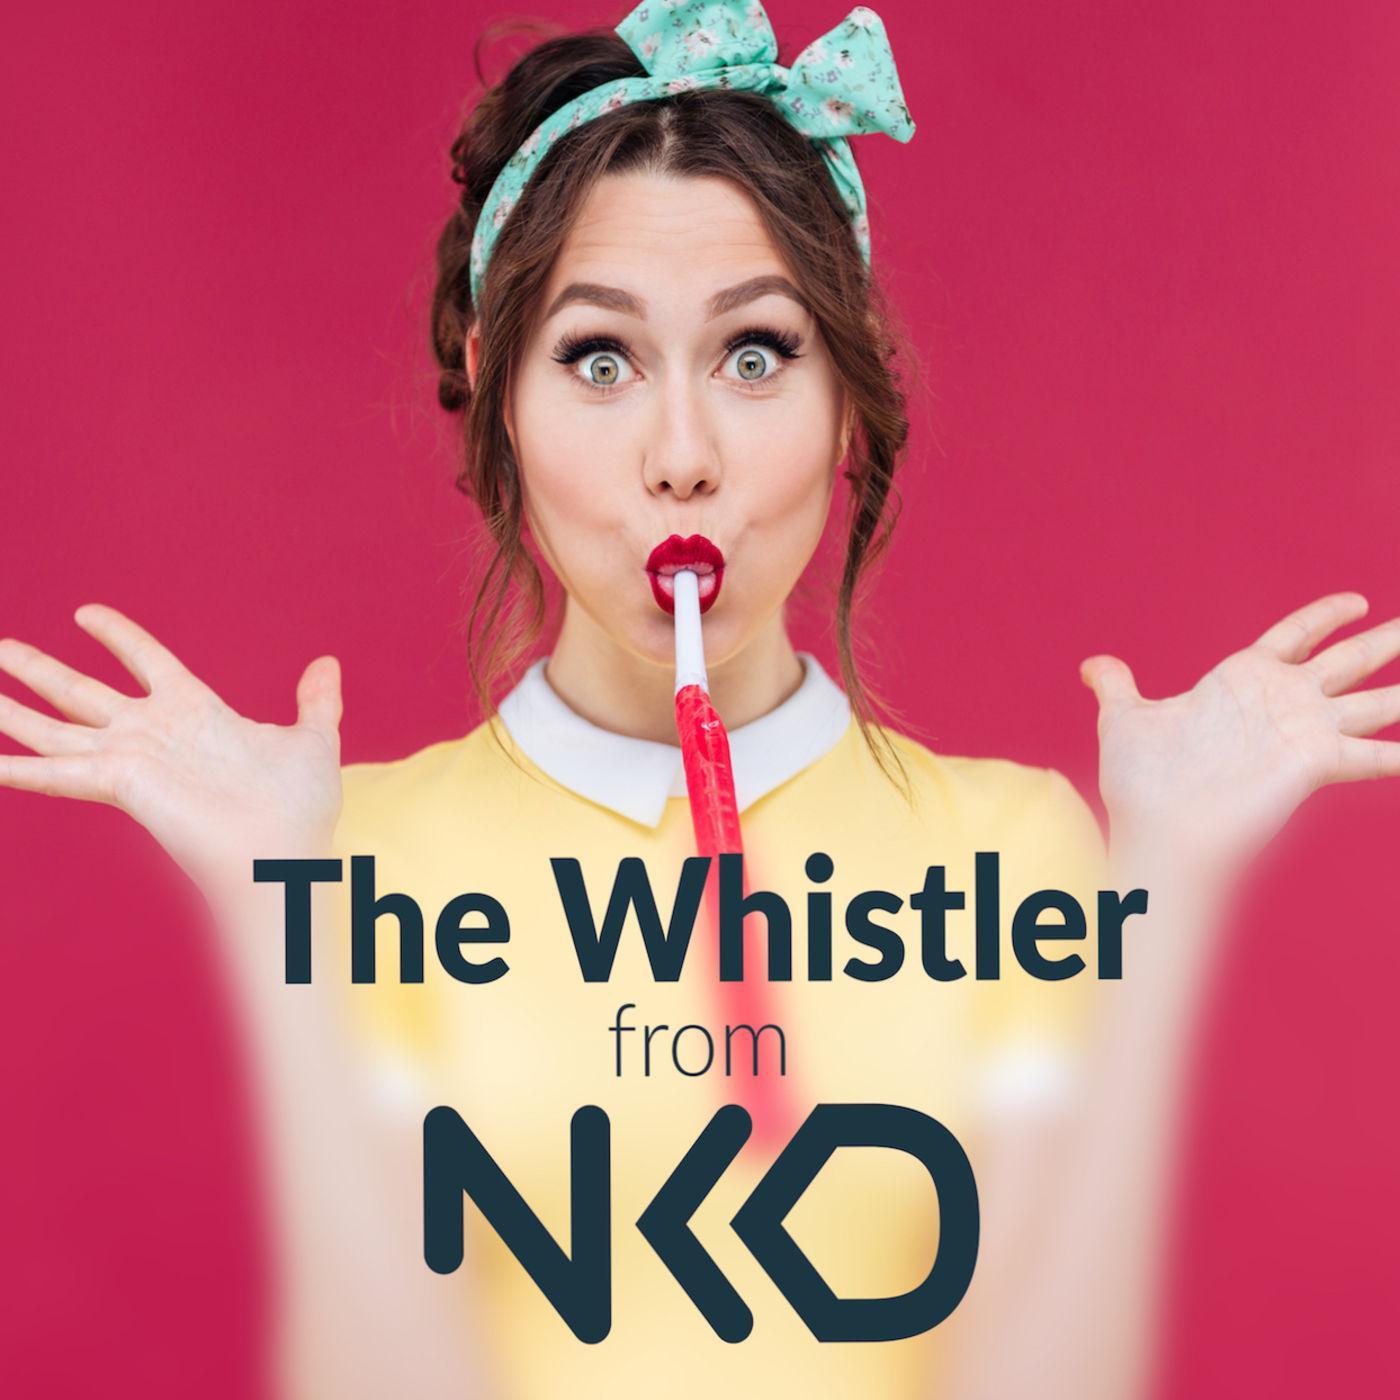 NKD - The Whistler (podcast) - Laura Cracknell | Listen Notes